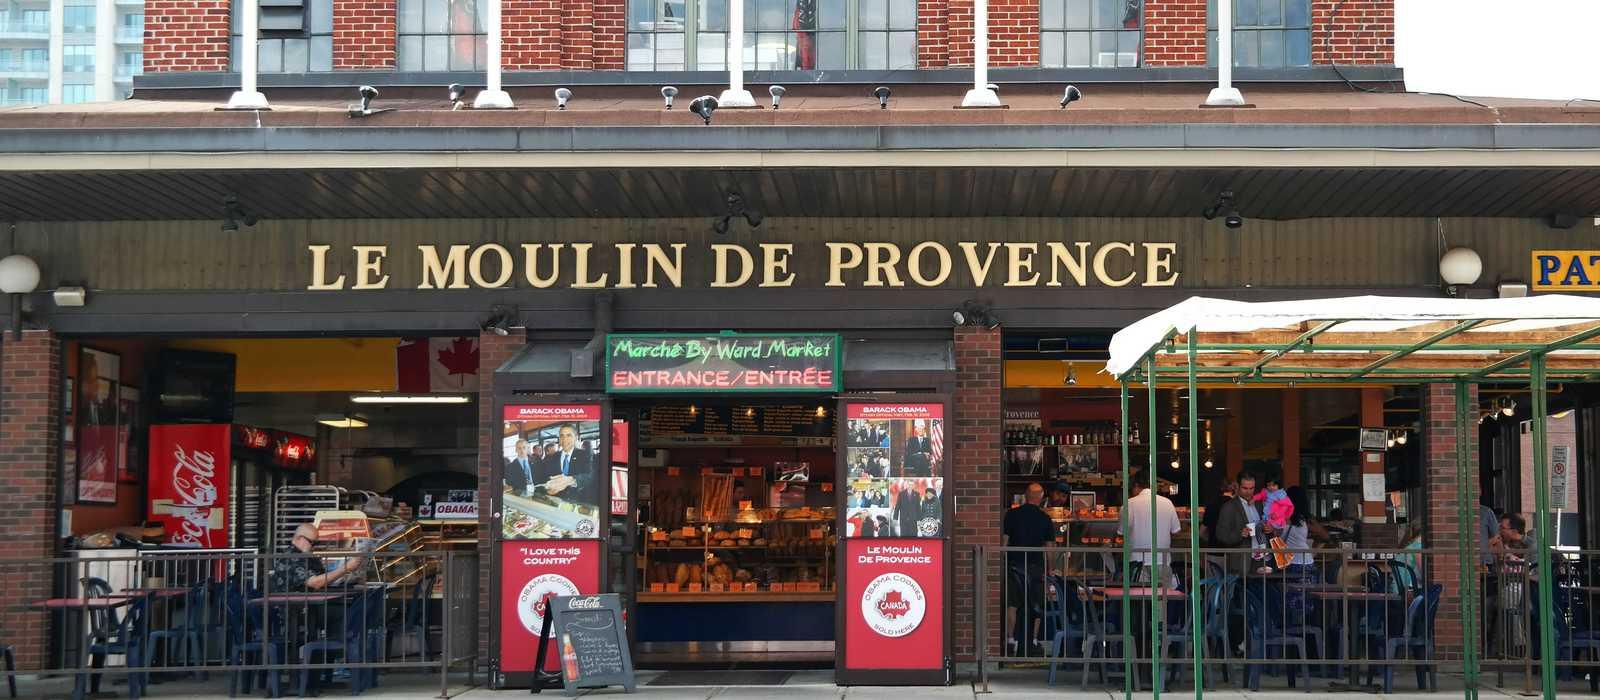 Le Moulin de Provence